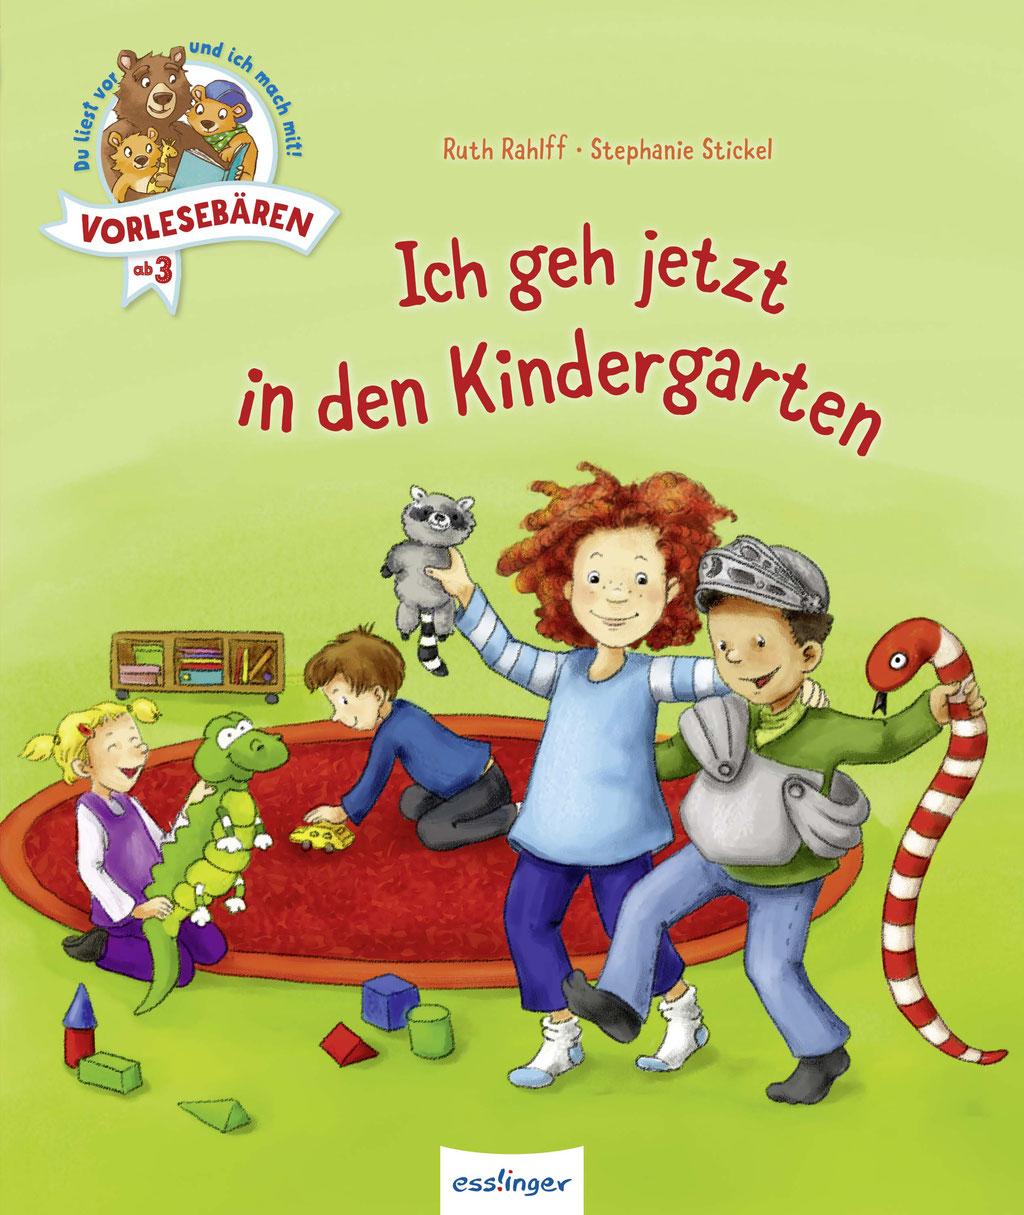 Ich geh jetzt in den Kindergarten 08|2016 Esslinger